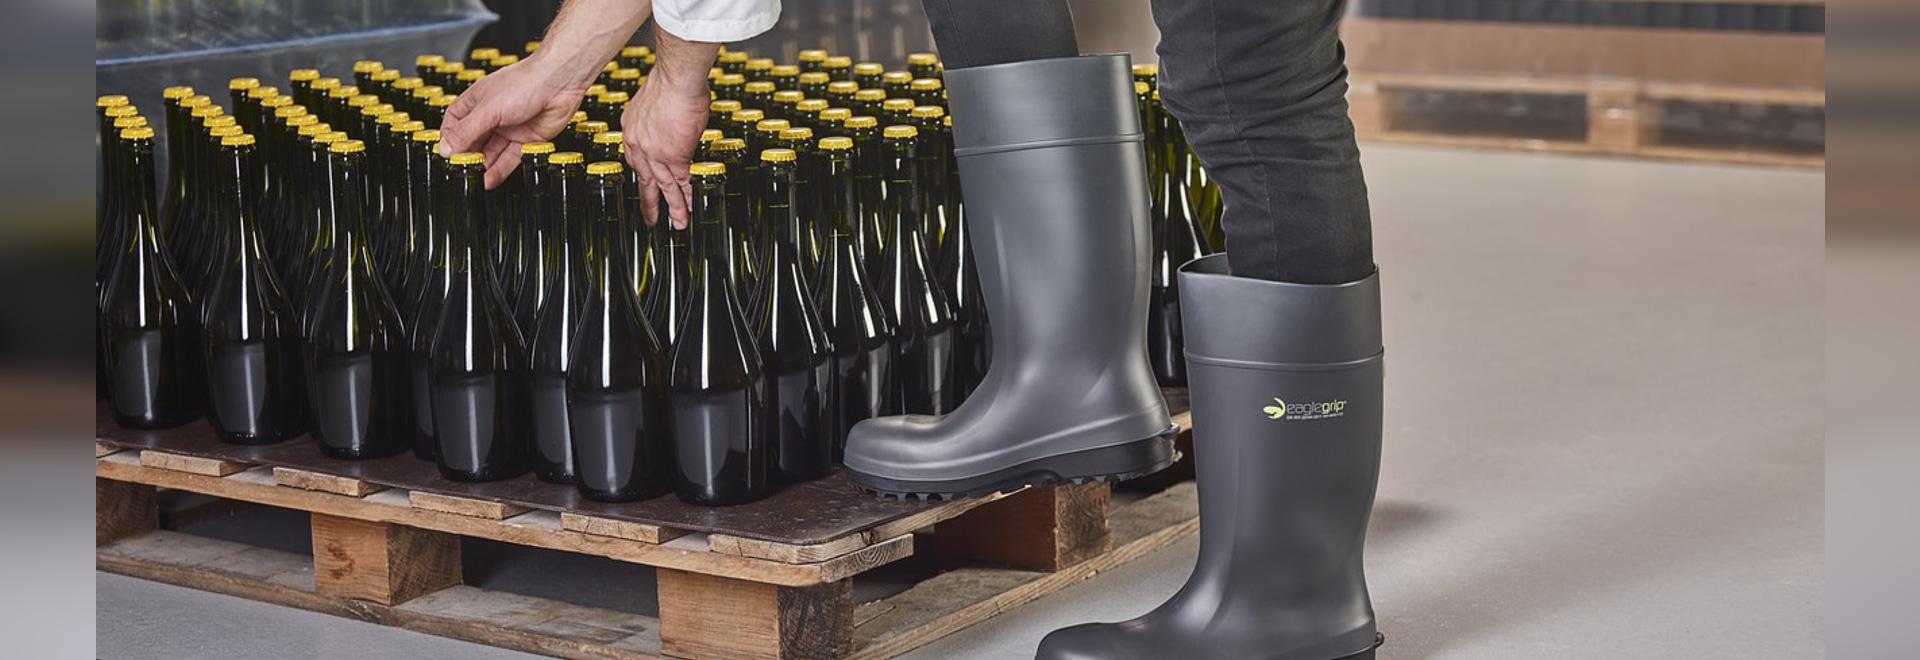 Botas de seguridad: ¡5 maneras en las que las botas de seguridad de poliuretano mejorarán su trabajo!